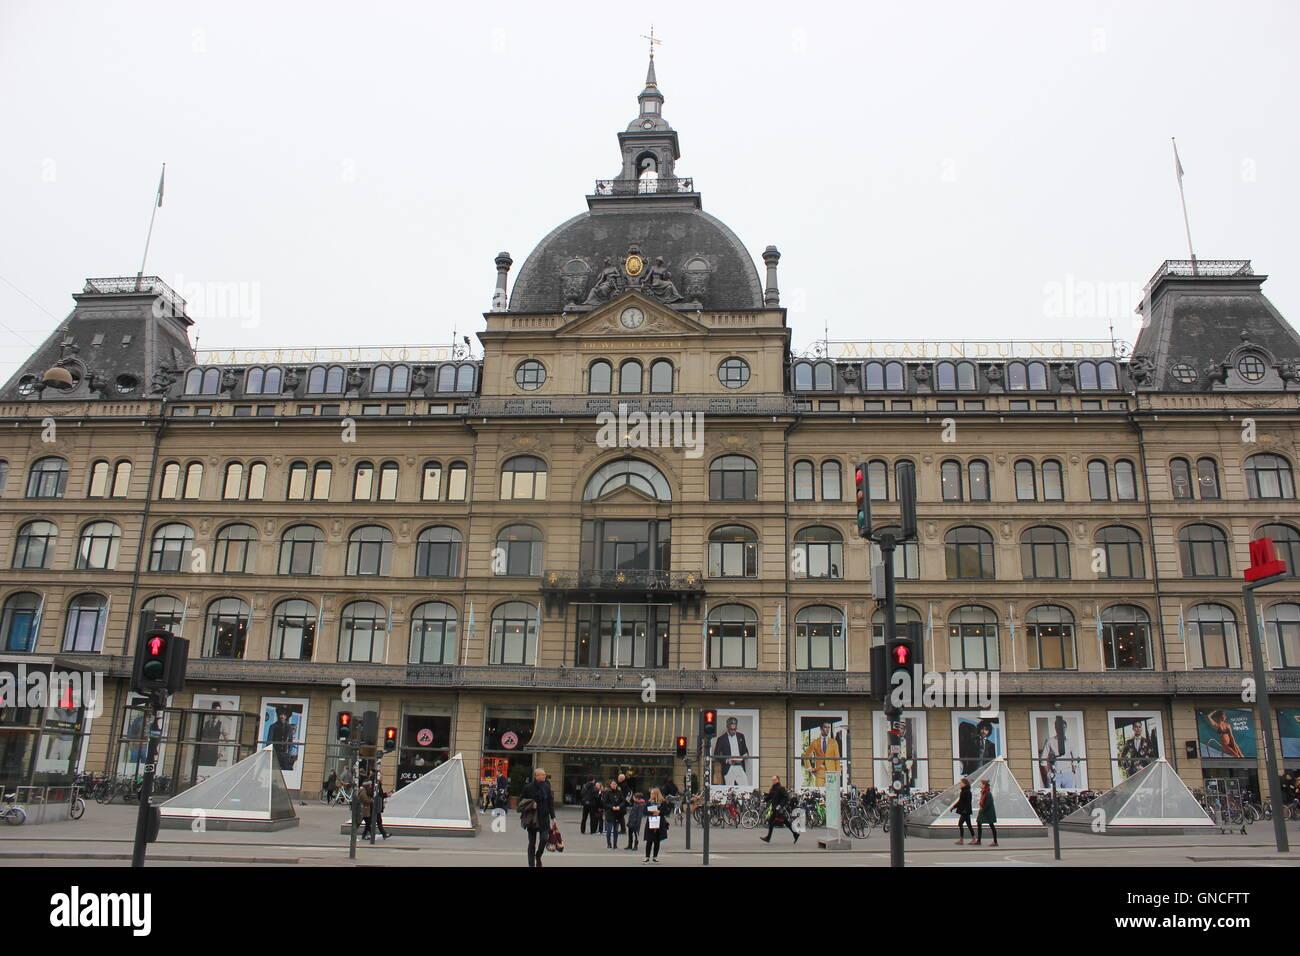 Magasin du Nord in Copenhagen, Denmark - Stock Image